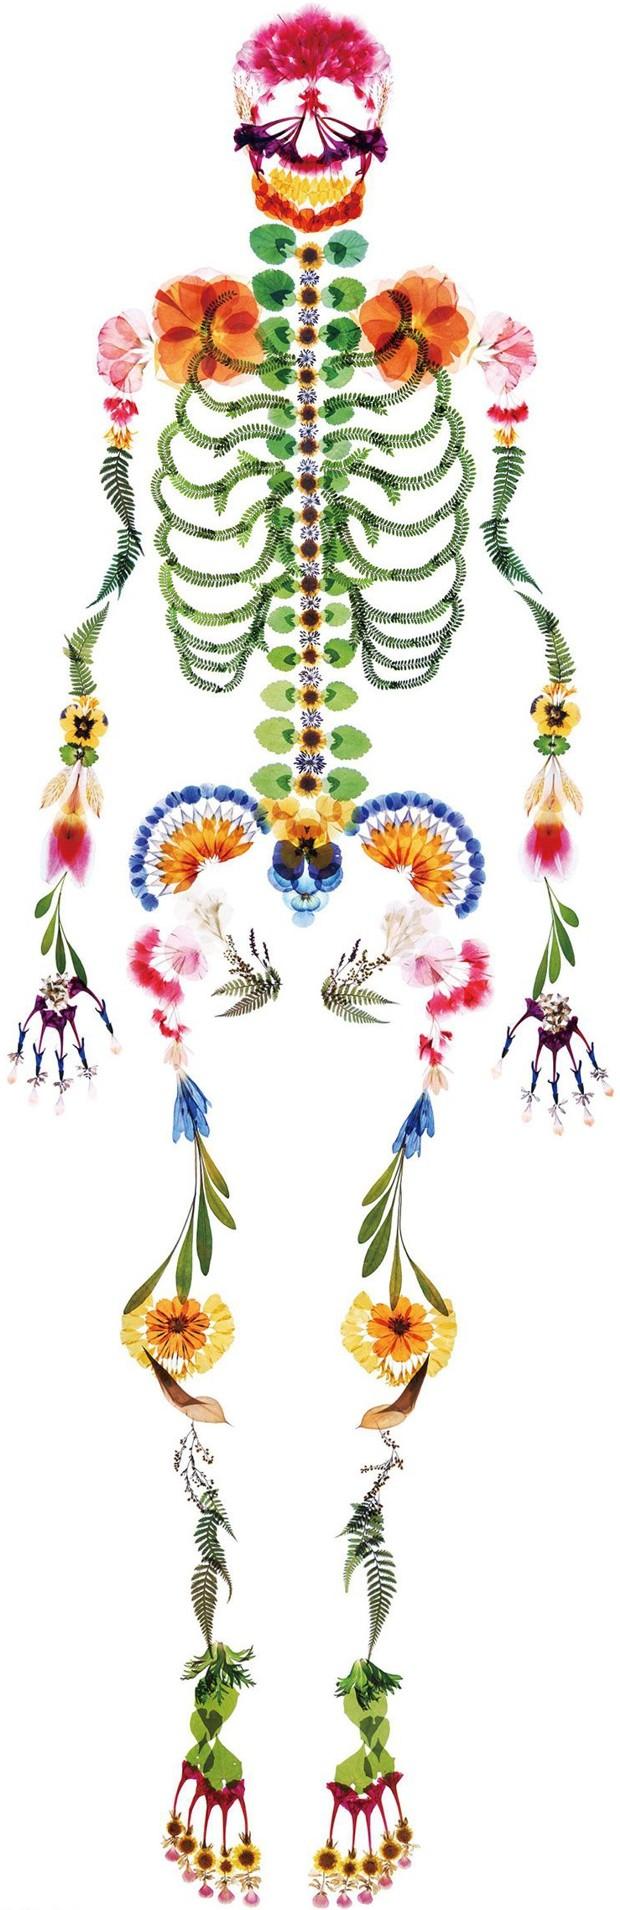 скелет из цветоов, nishinihon tenrei